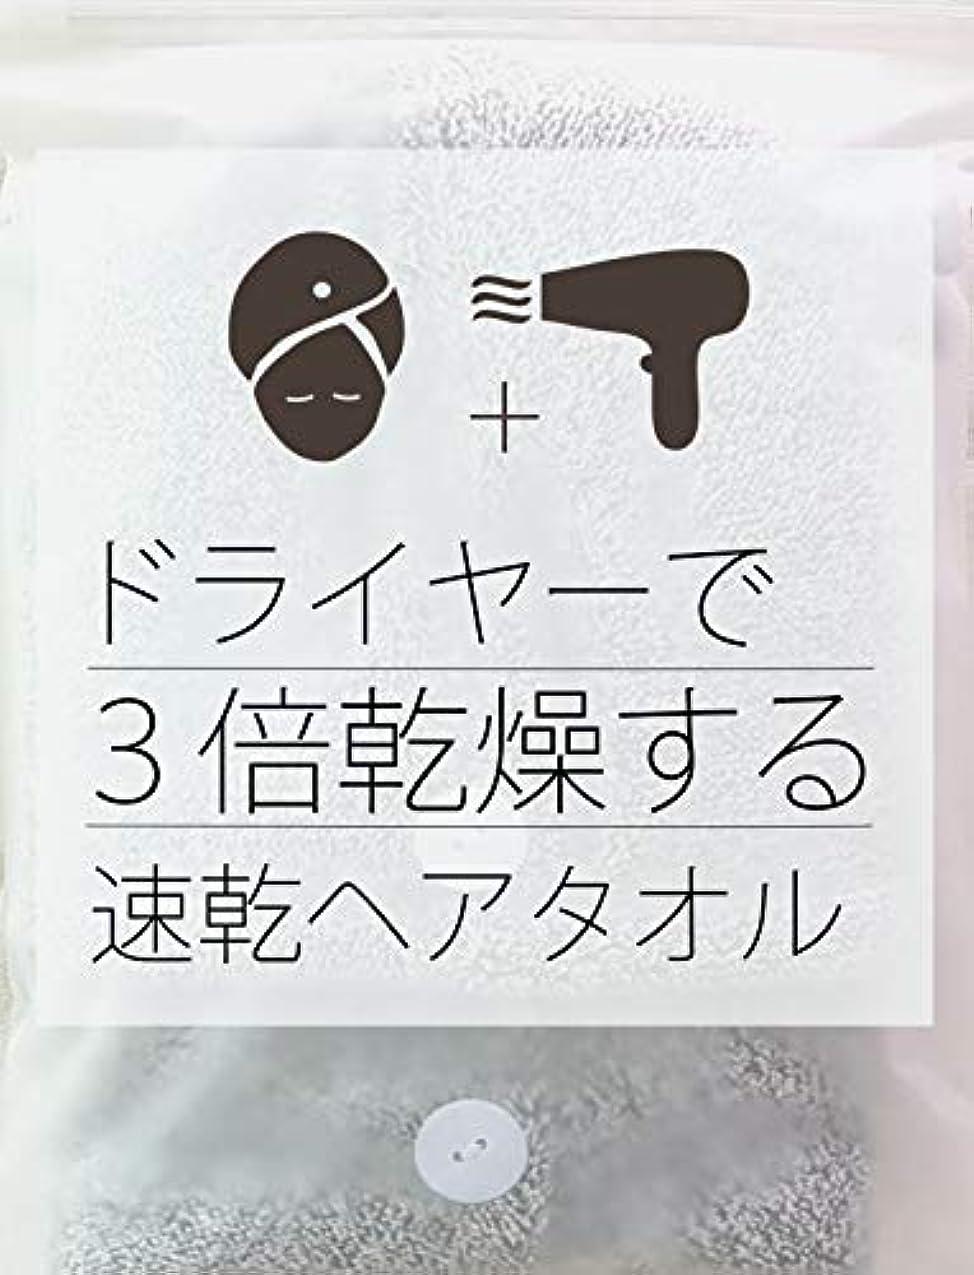 持ってる犯人配置3倍乾燥ドライヤー用速乾ヘアタオル 髪用速乾給水ヘアターバン ドライヘアタオルキャップ お風呂シャワー用